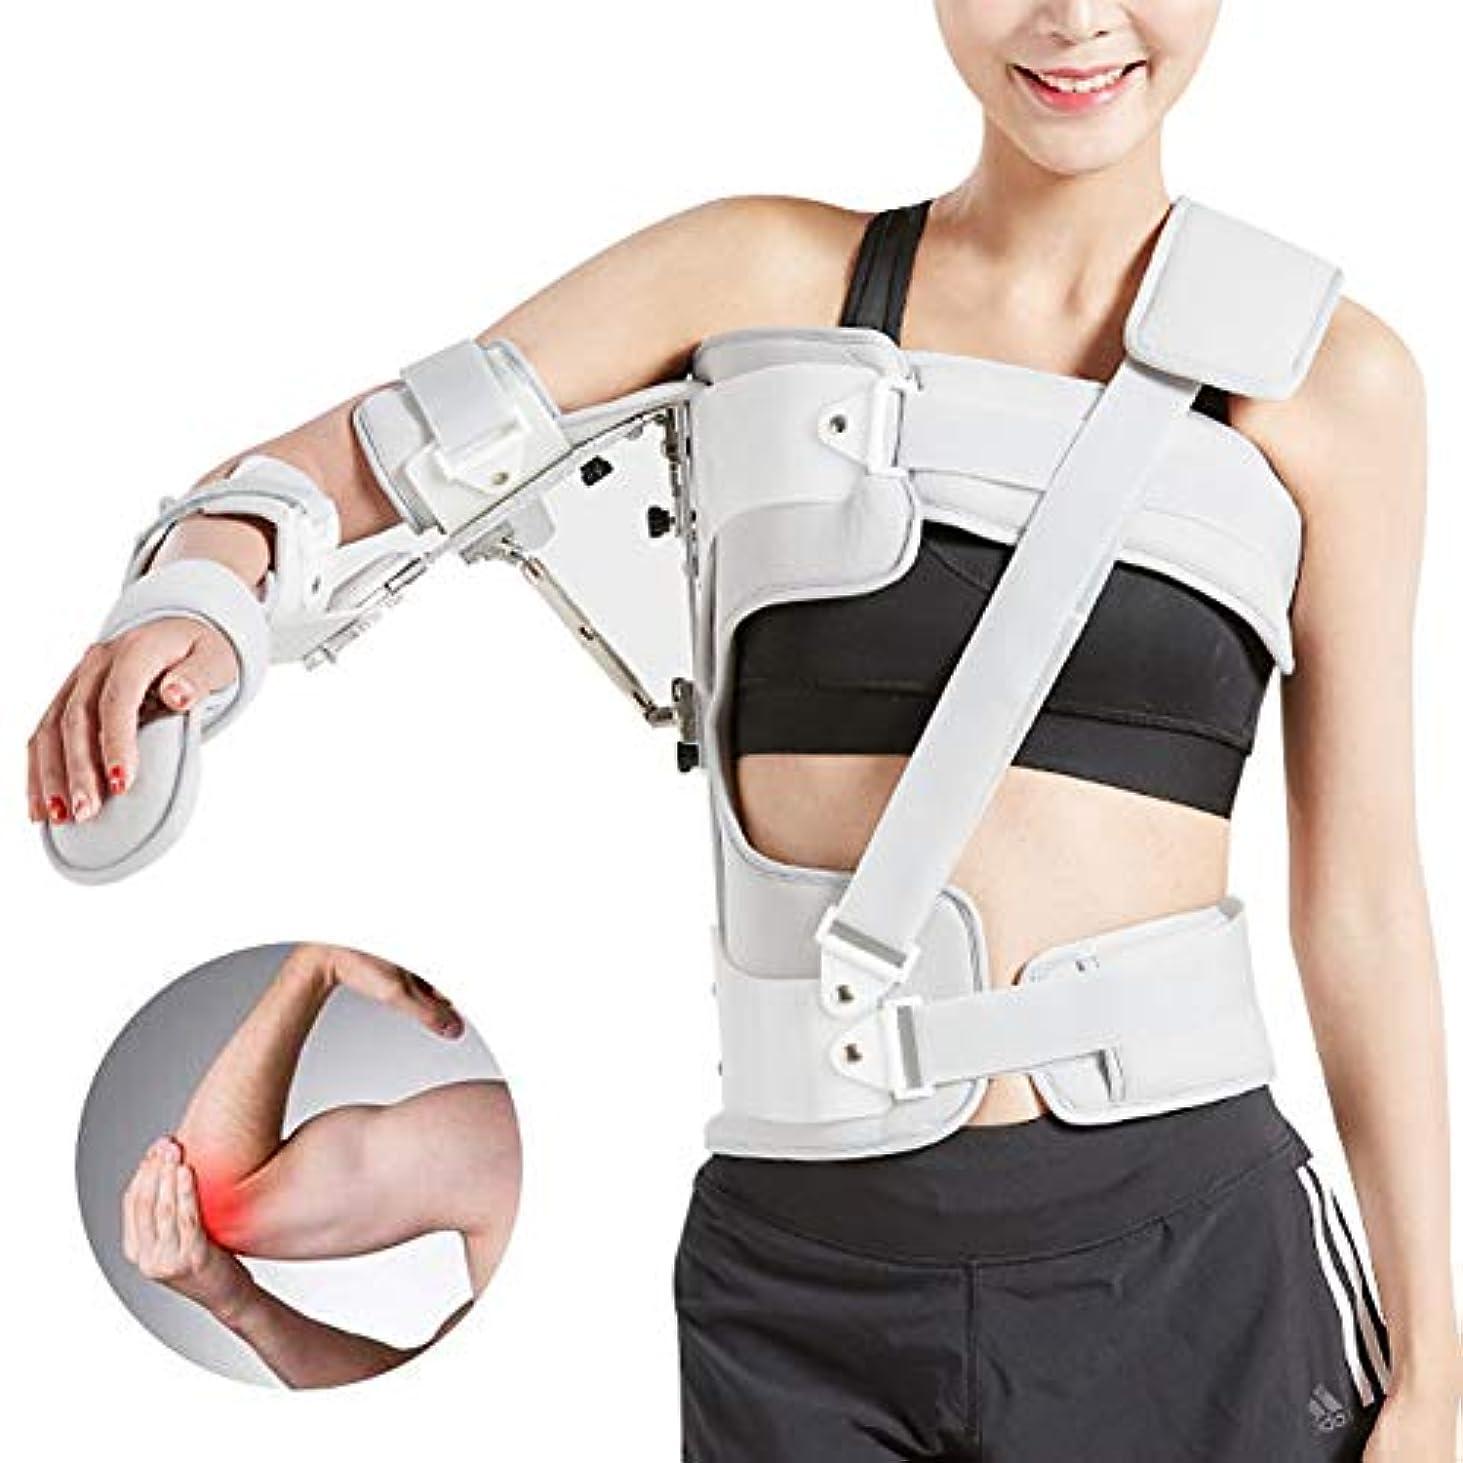 自動的にウェイター保育園調節可能なアームスリング外転枕骨折肘サポートブレース、傷害回復アーム固定、転位回旋腱板滑液包炎腱炎、ワンサイズ - ユニセックス